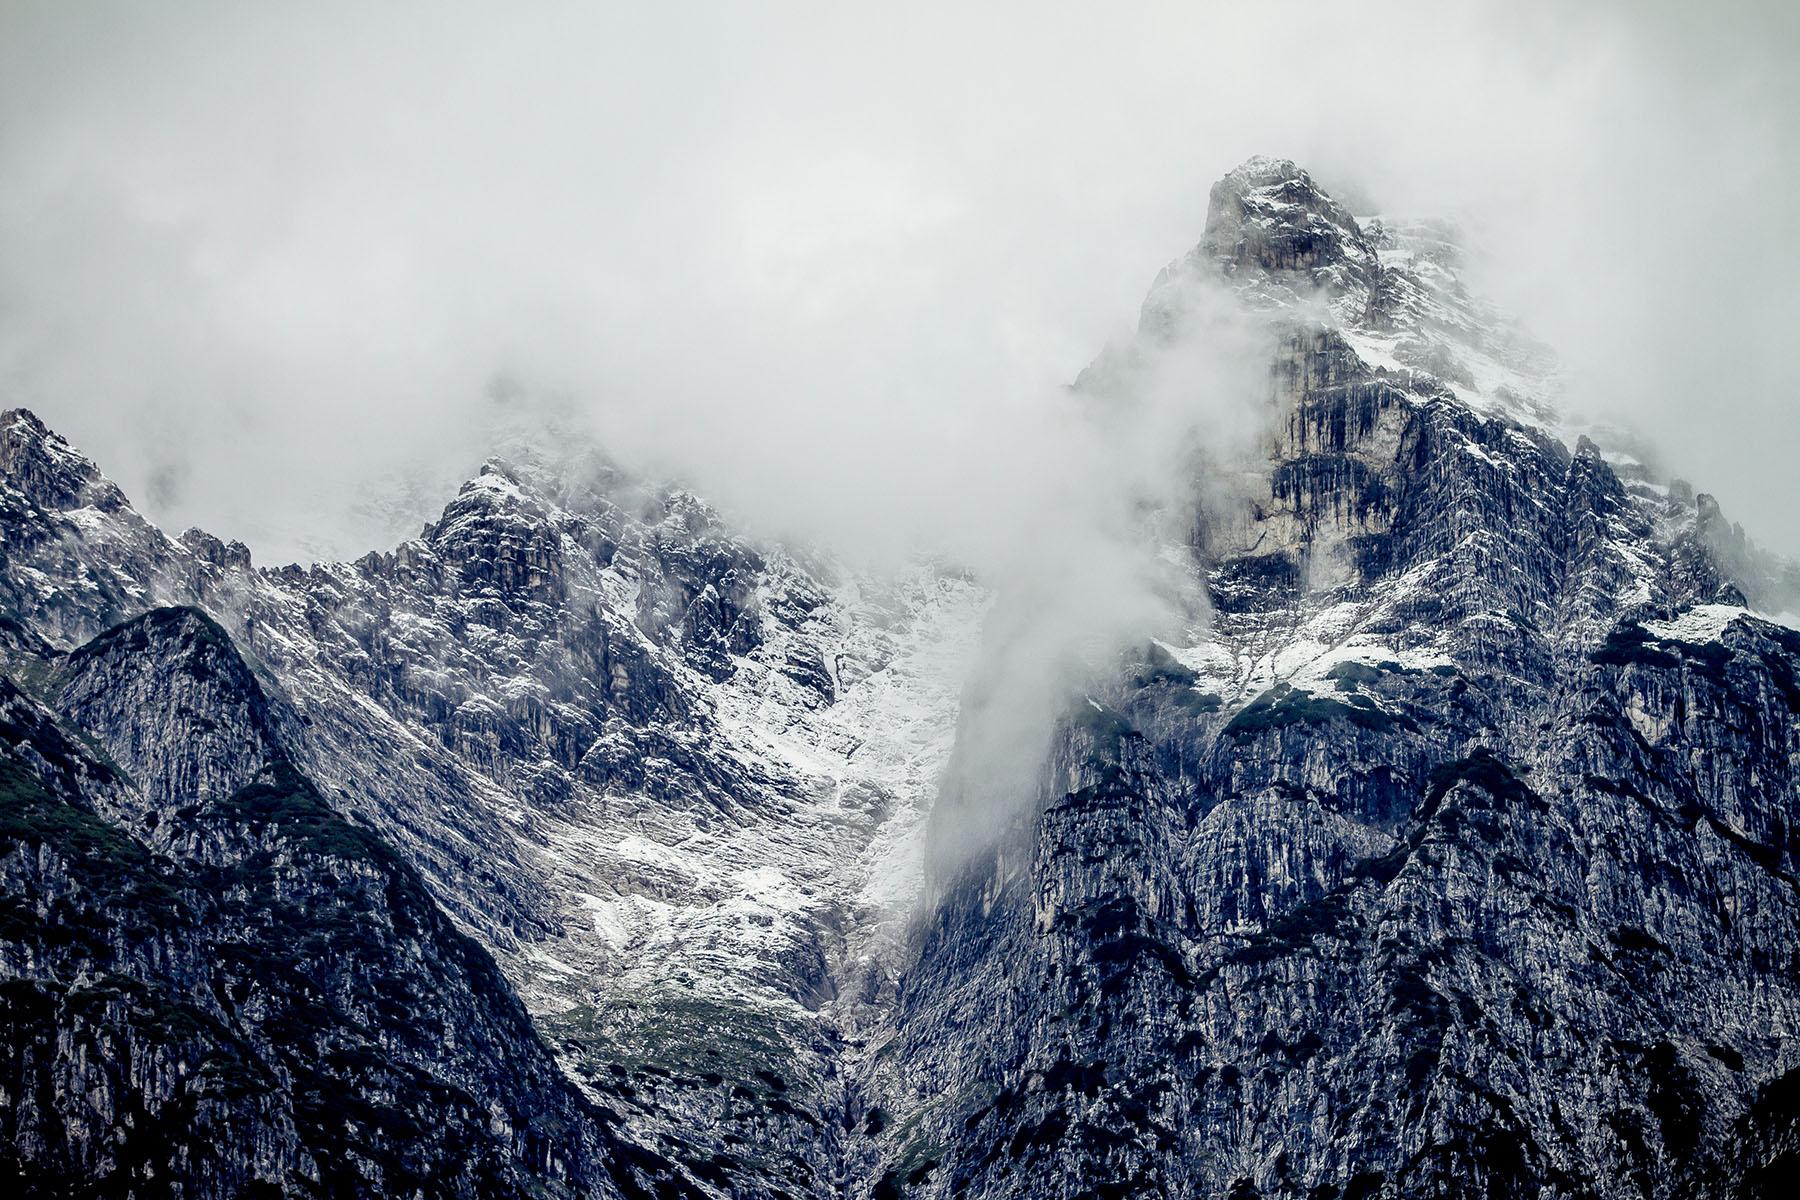 Die düsteren schneebedeckten Bergen im Hintergrund verraten, dass die Bike-Saison hier bald vorbei sein wird und stattdessen die Schneesportler anrücken werden.